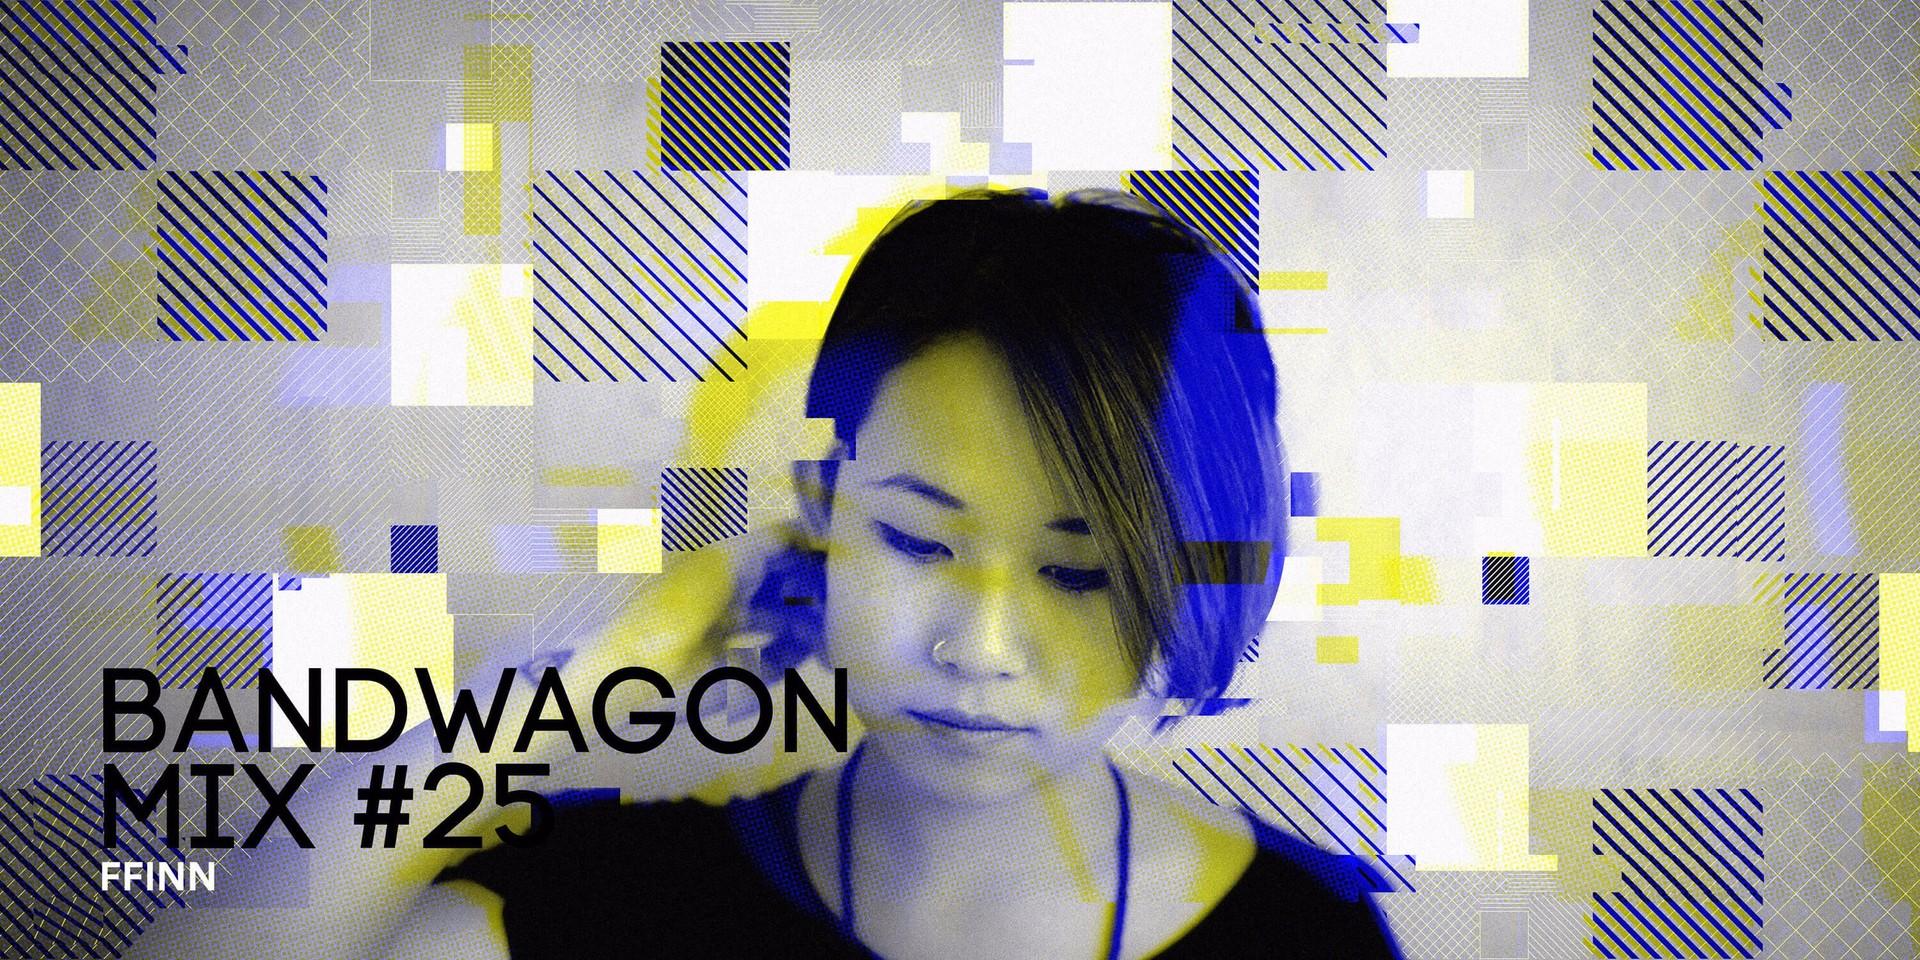 Bandwagon Mix #25: FFINN